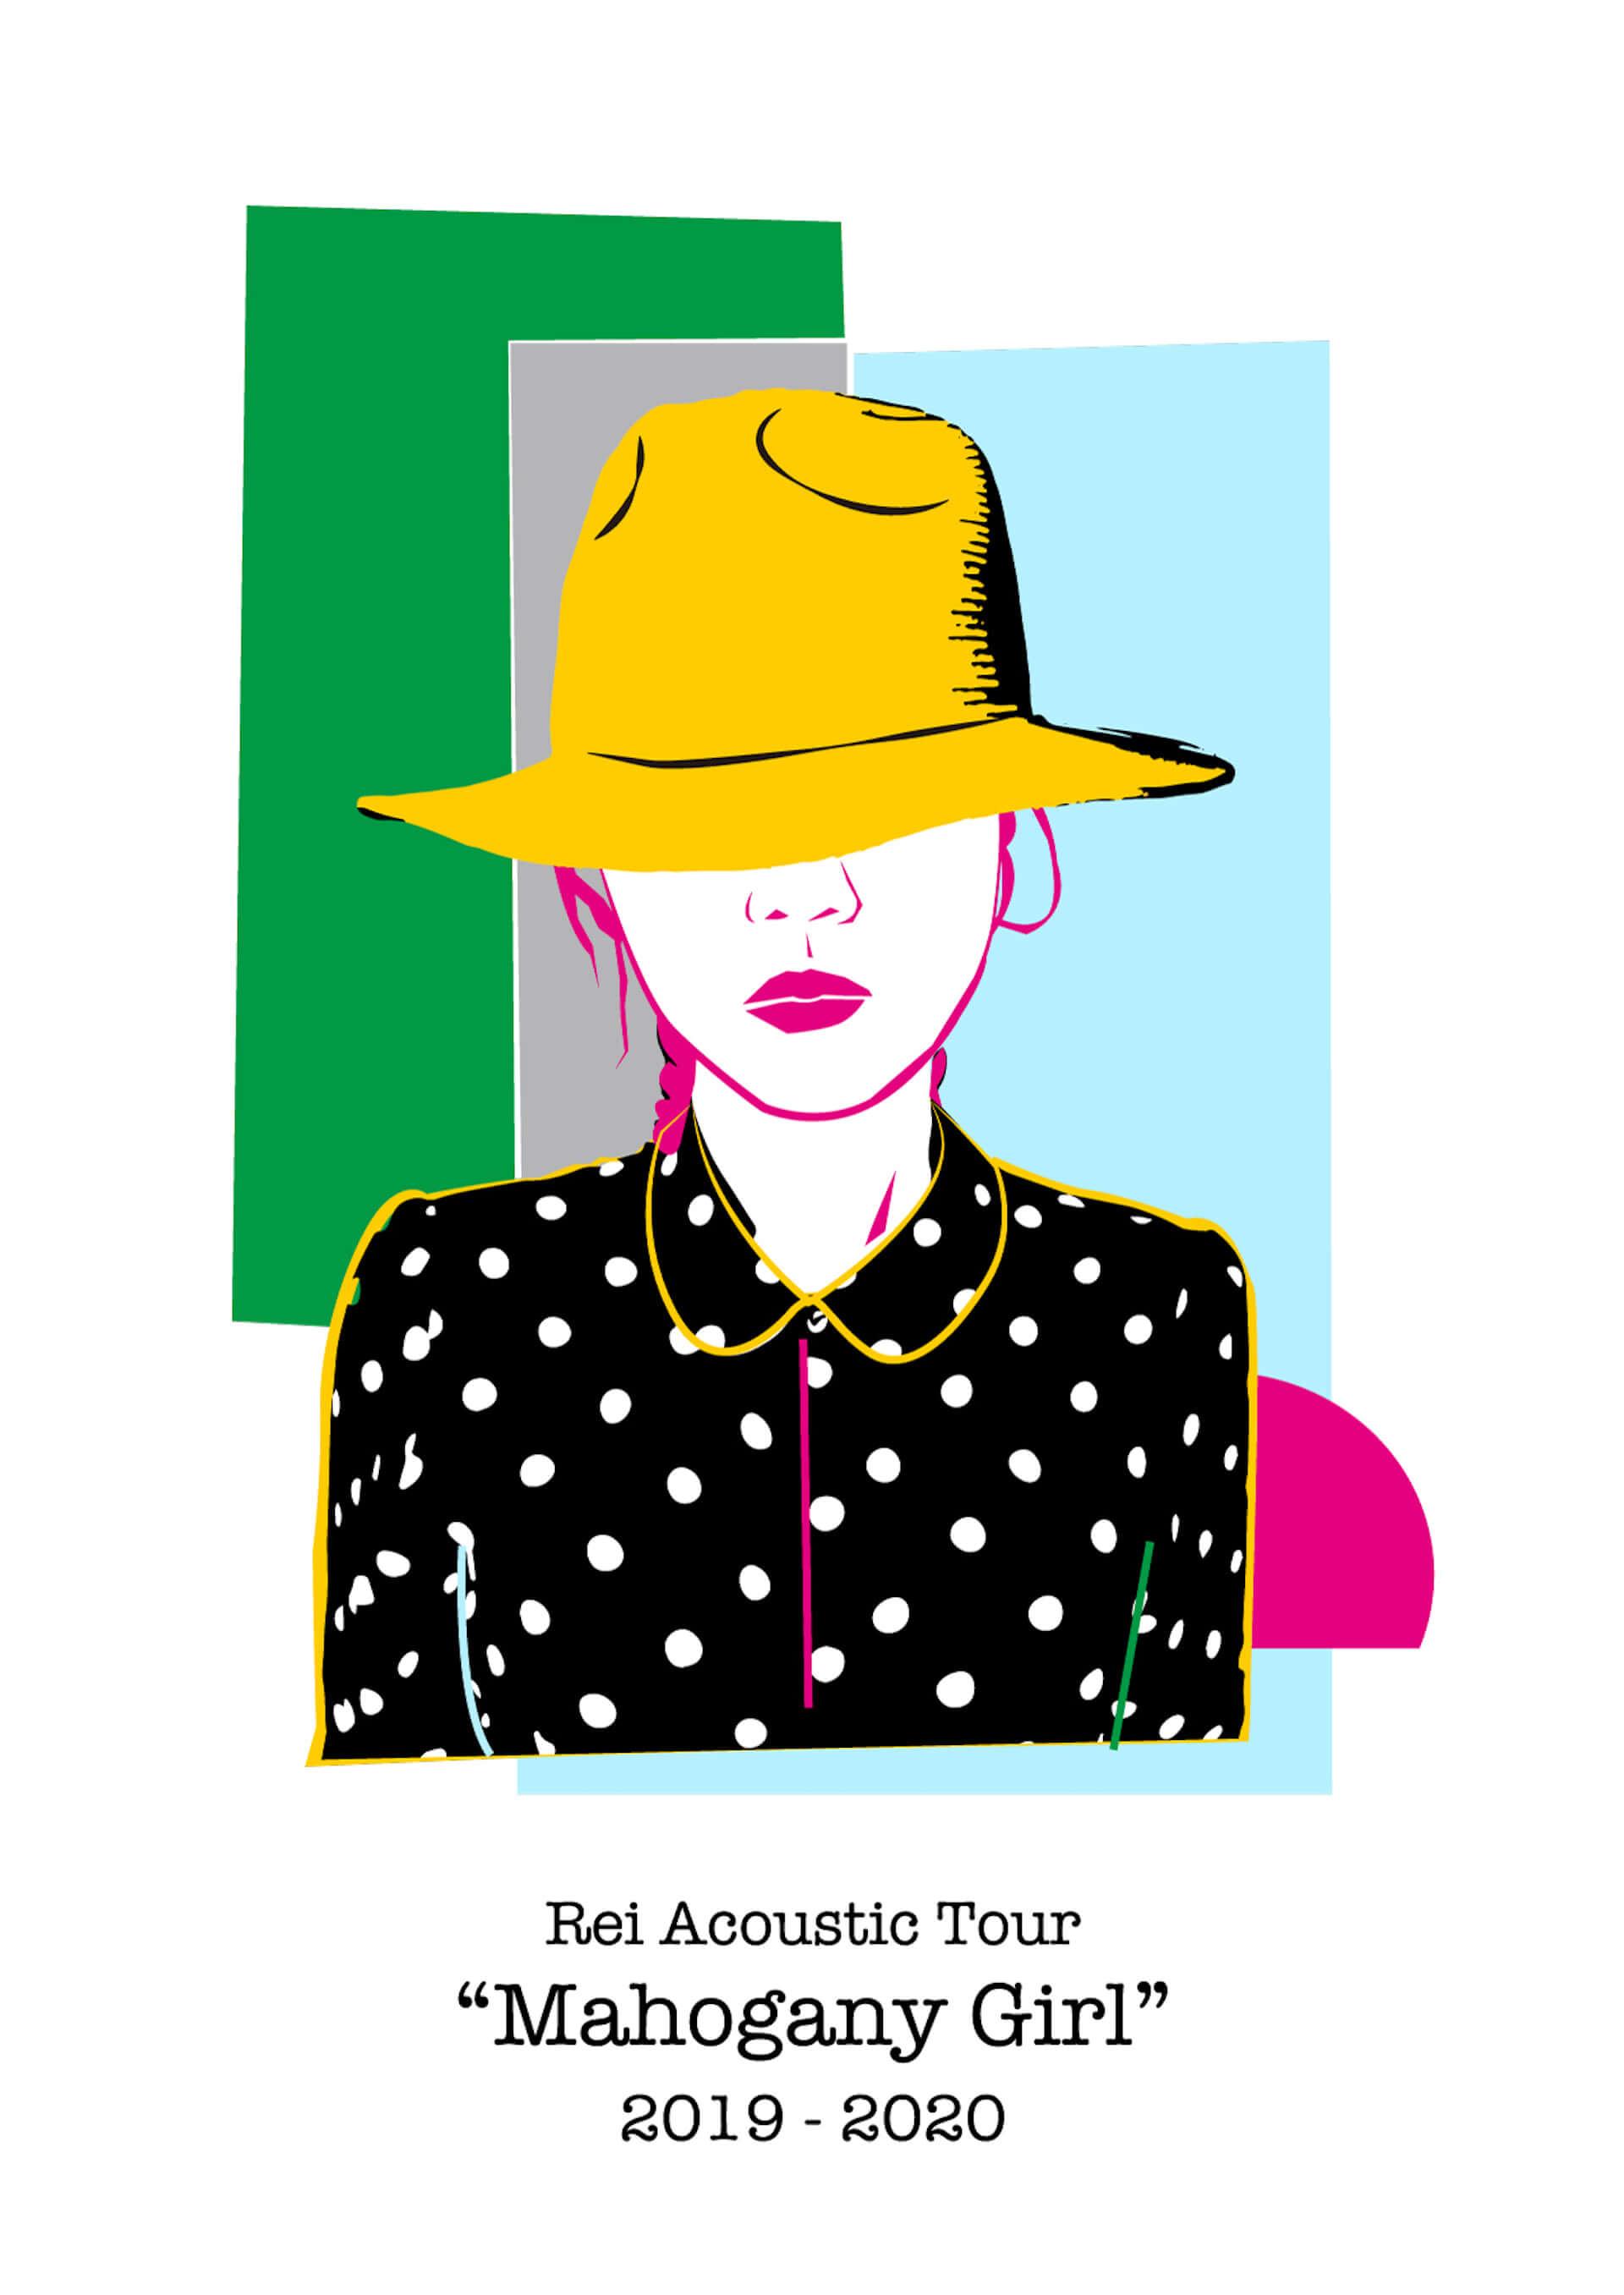 Reiが世界に!スペイン大型ジャズフェス出演&アコースティックライブツアー今年も開催決定 music190709_rei_mahoganygirl_2-1920x2713